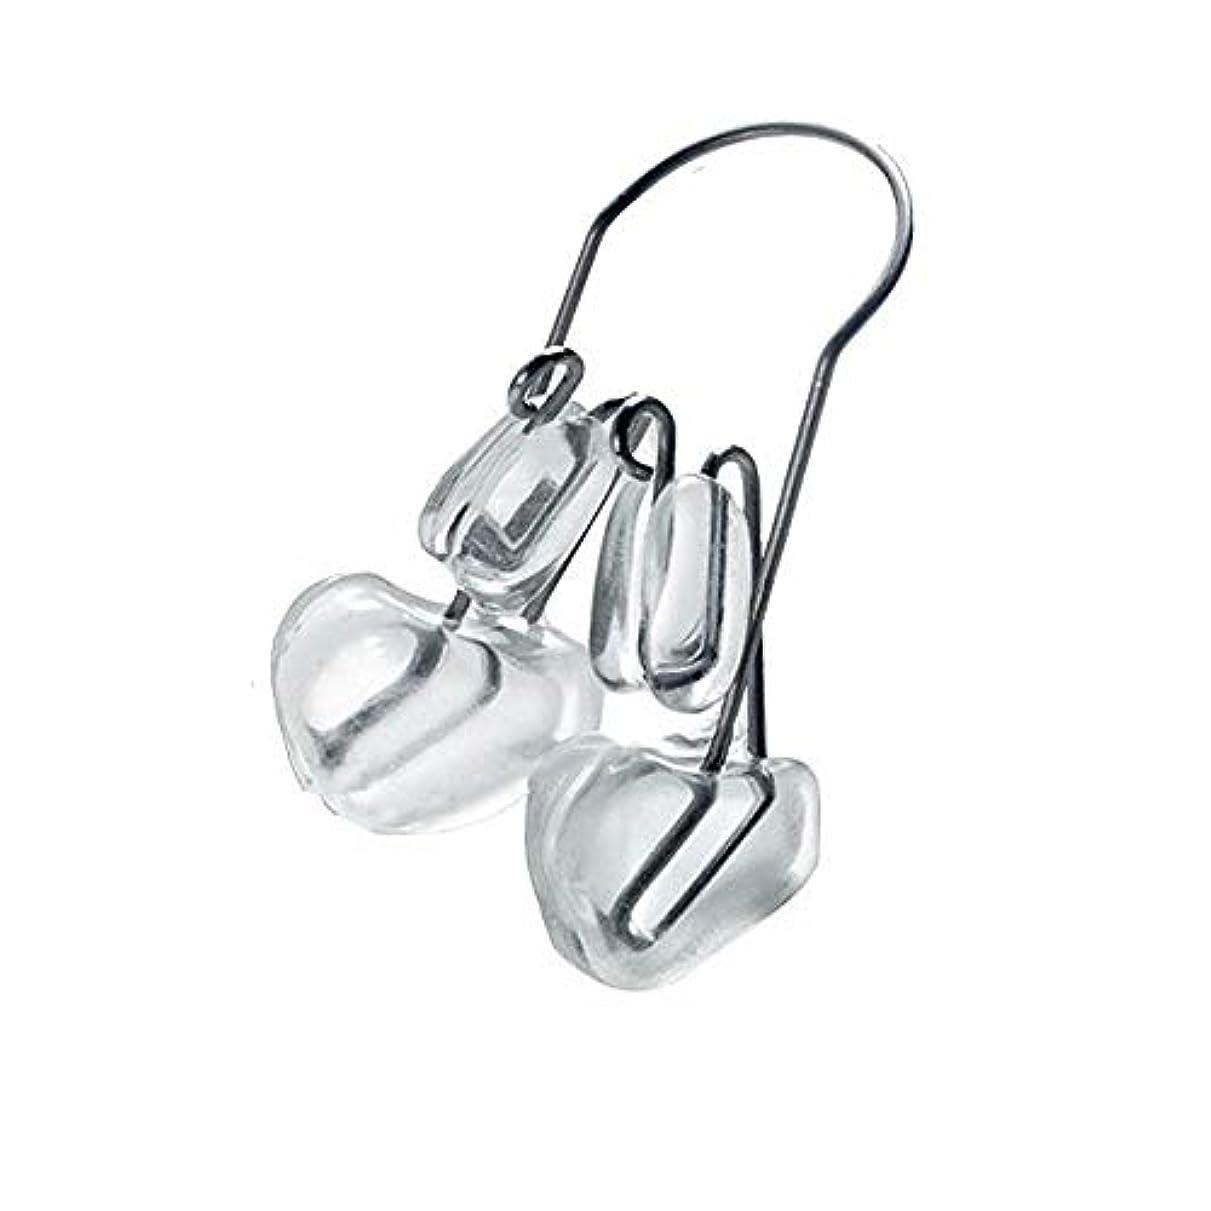 コーンチッププロット鼻筋セレブ ノーズアップピン ノーズアップないノーズアップピンピン ズレない ノーズアップピン 簡単 美鼻 整う 矯正